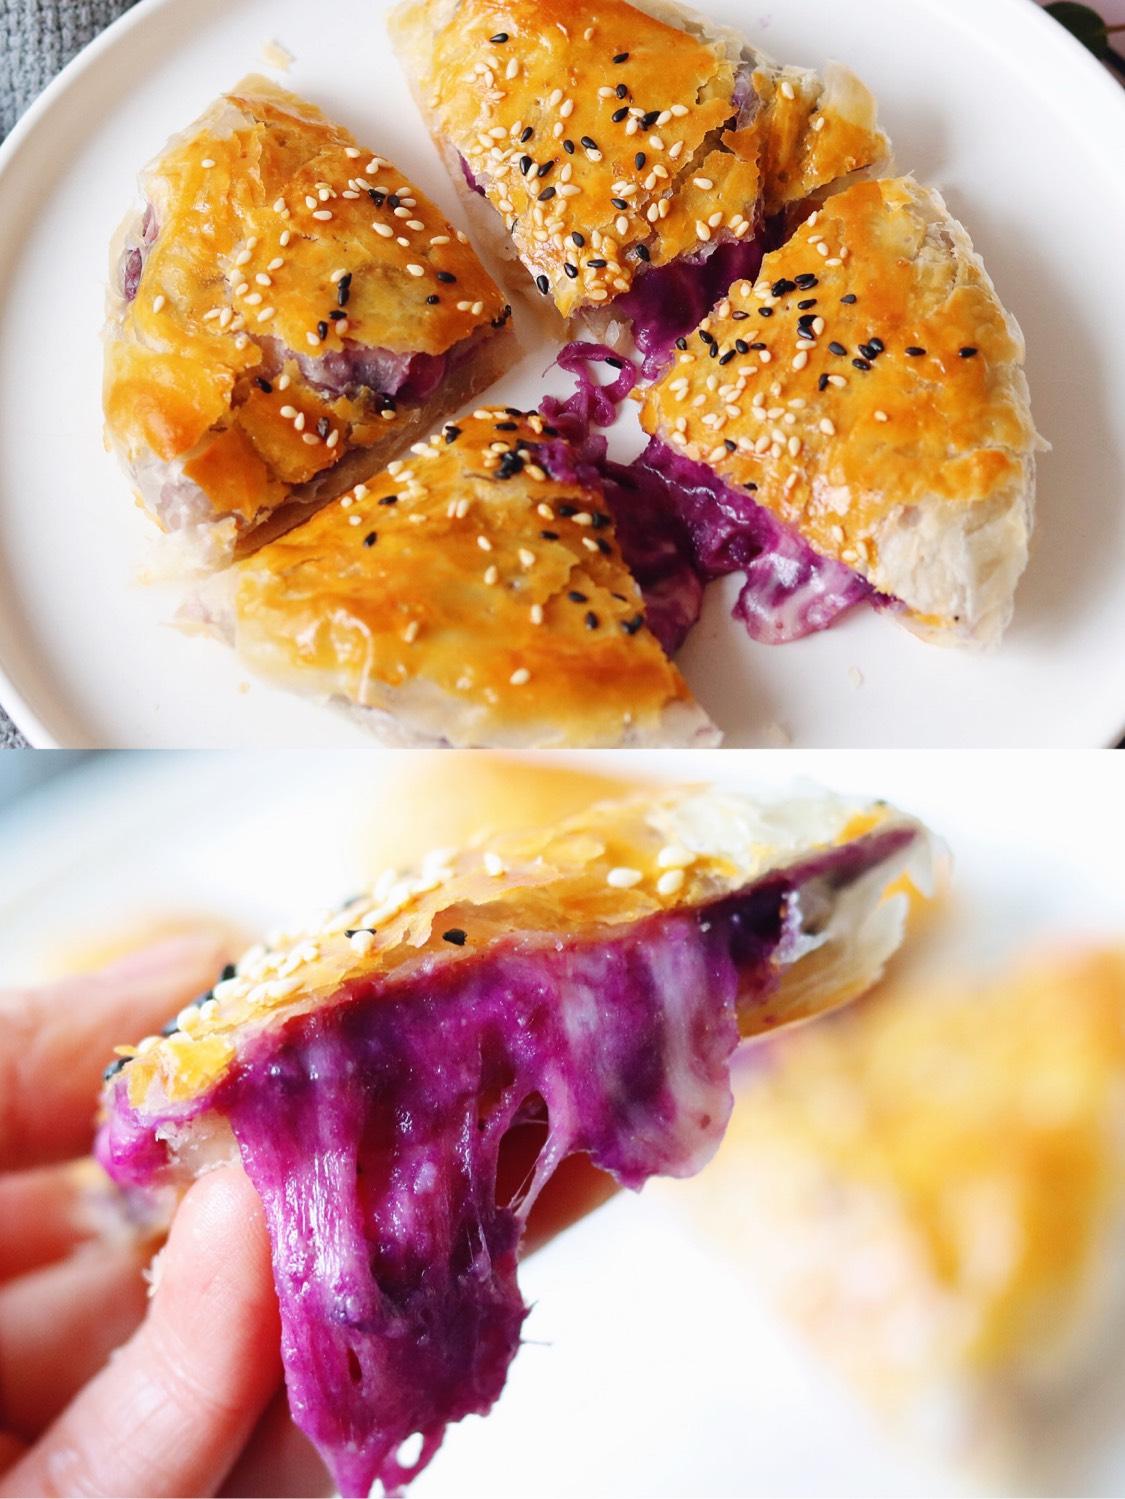 紫薯芝士饼 ㊙️今天分享一个不需要揉面